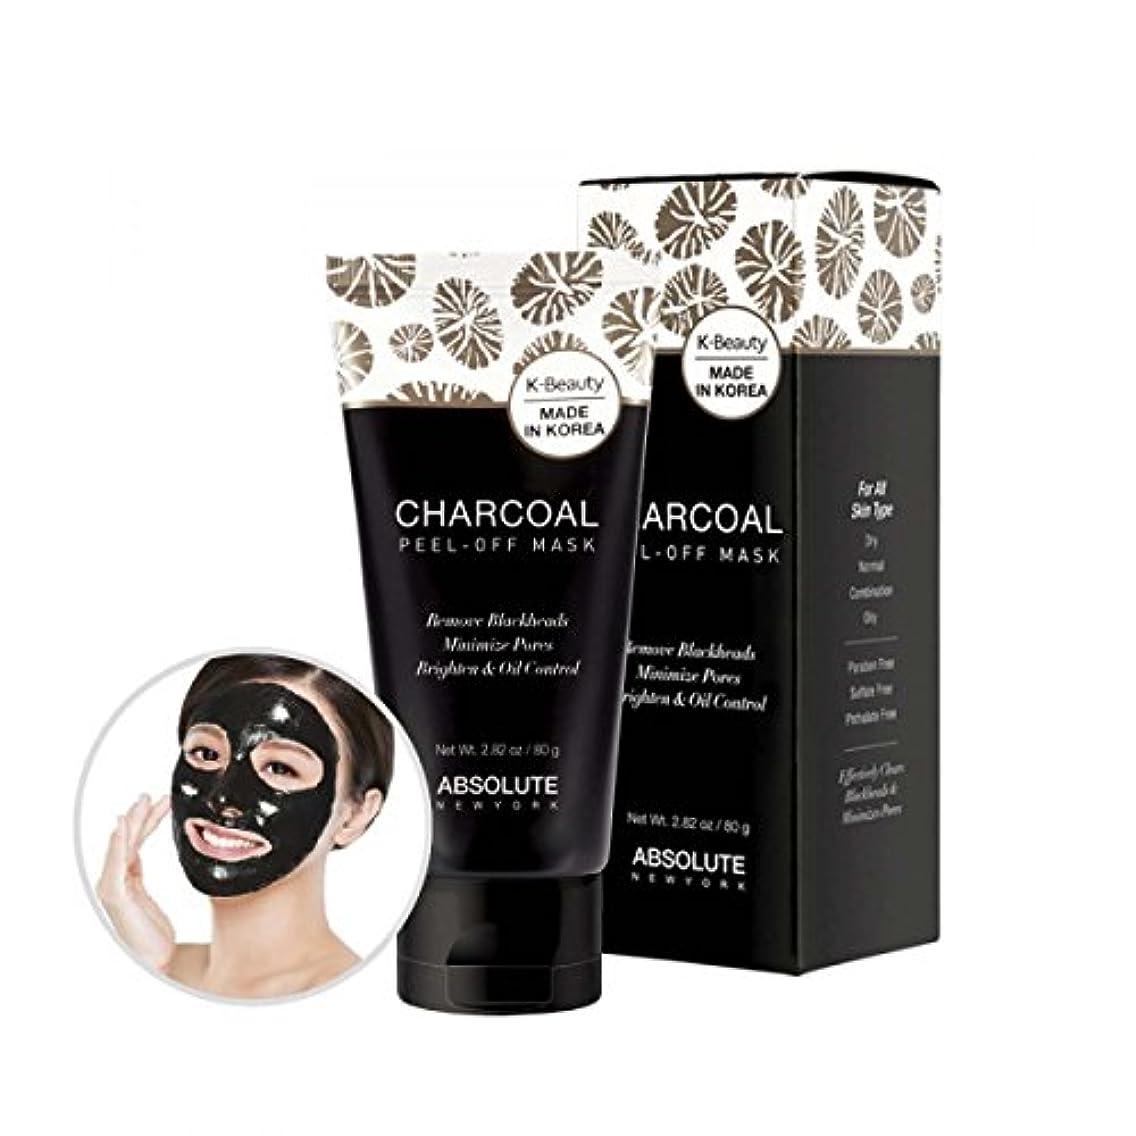 エンジニアリングデッドロック公使館ABSOLUTE Charcoal Peel-Off Mask (並行輸入品)